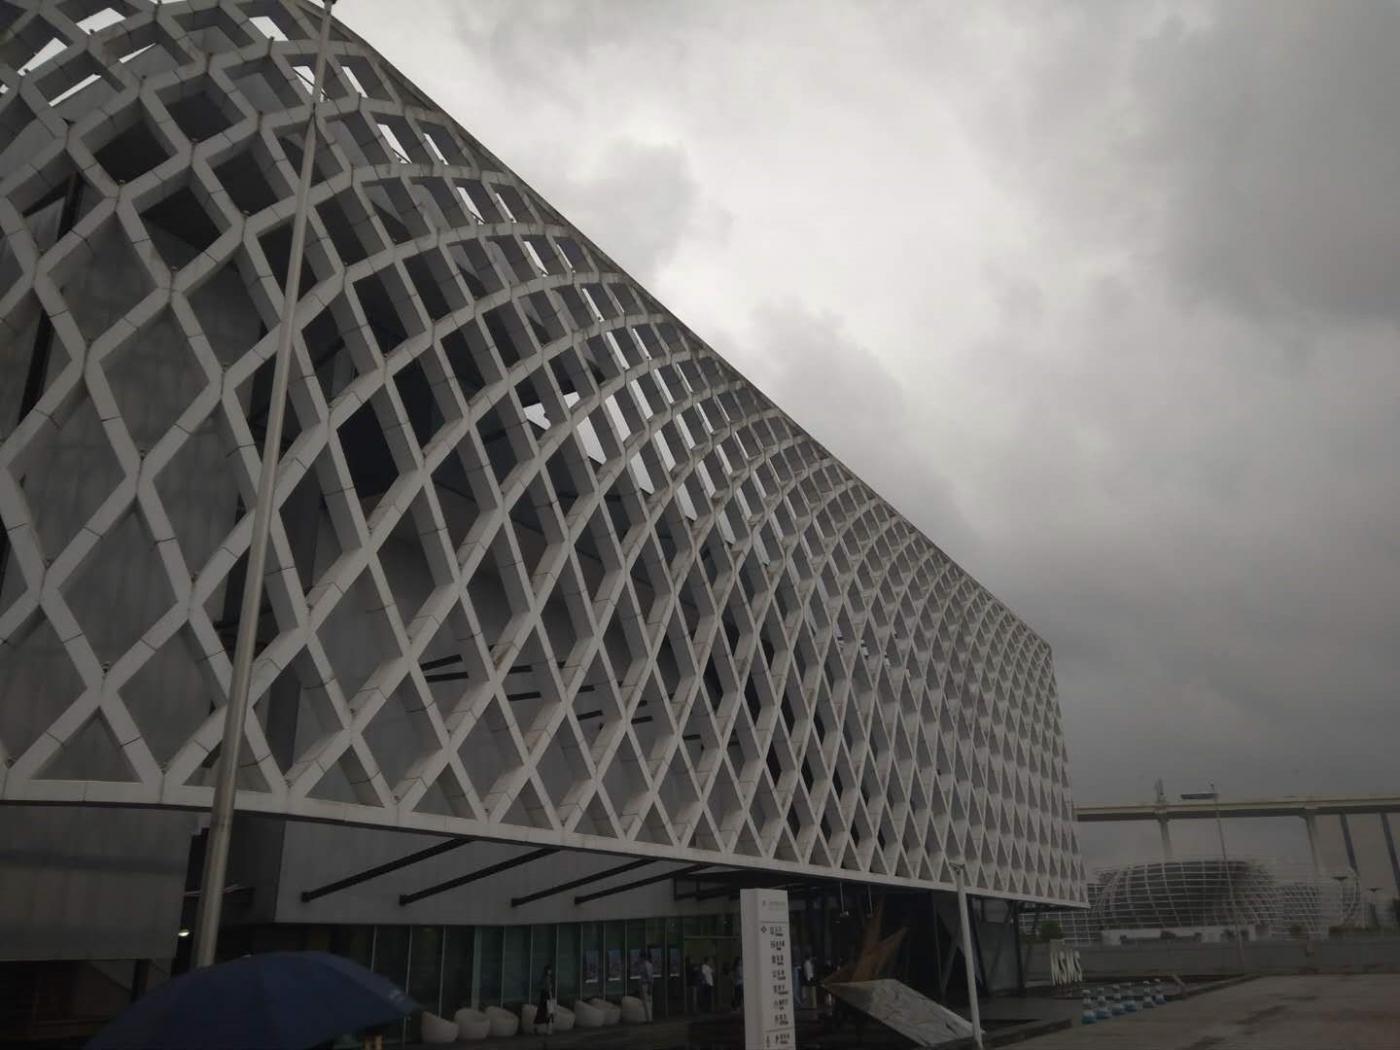 上海民生美术馆:夏至音乐会开幕式_图1-3